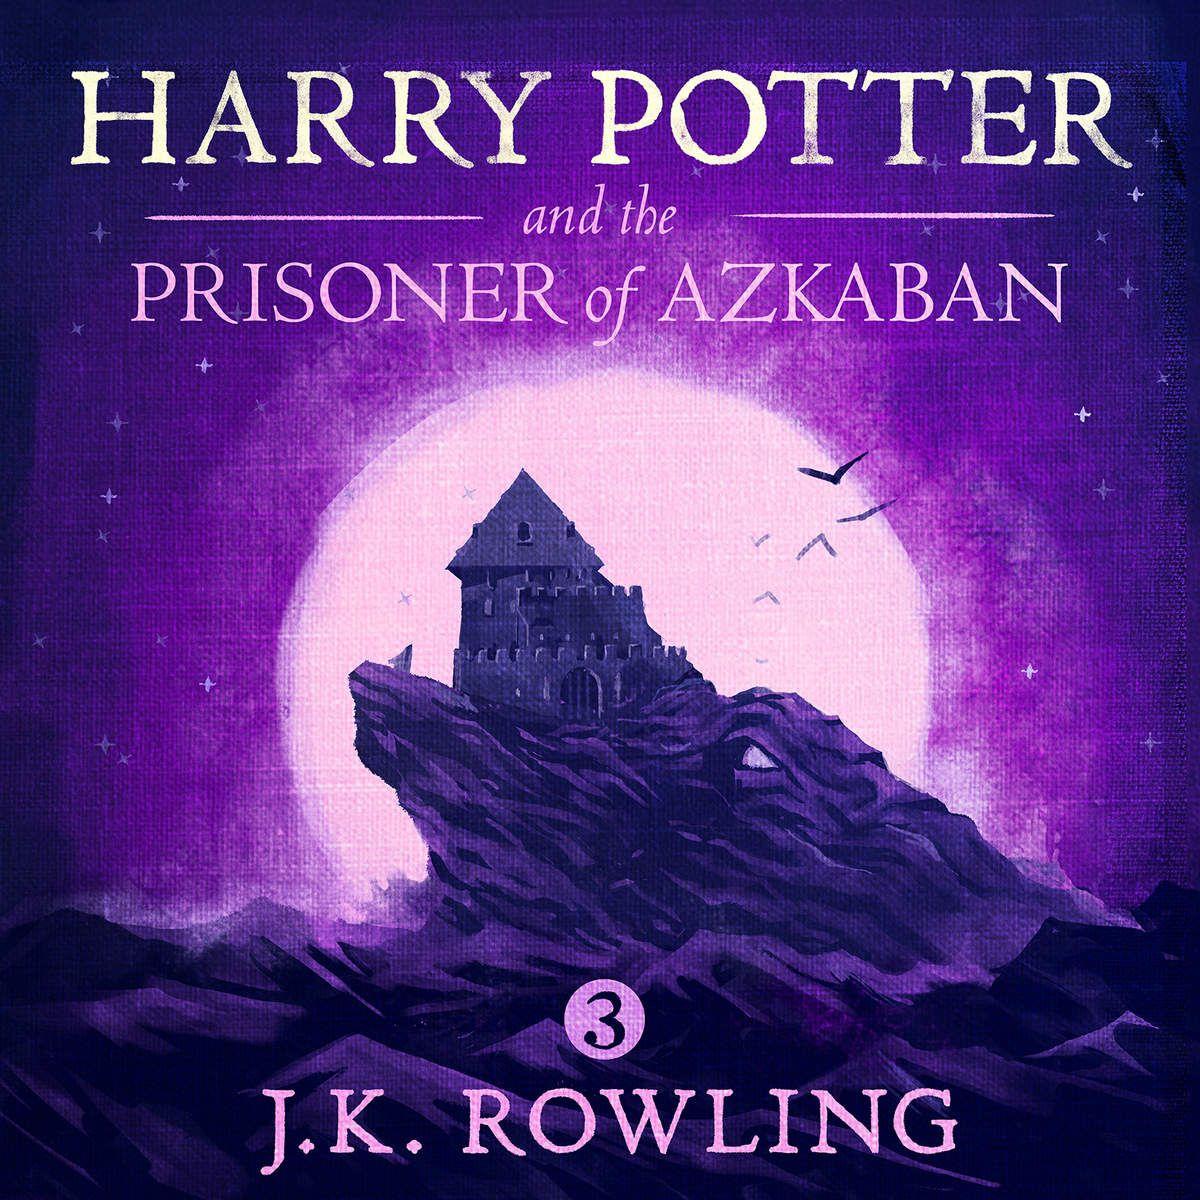 Olly Moss Harry Potter Covers Prisoner Of Azkaban Book Prisoner Of Azkaban The Prisoner Of Azkaban